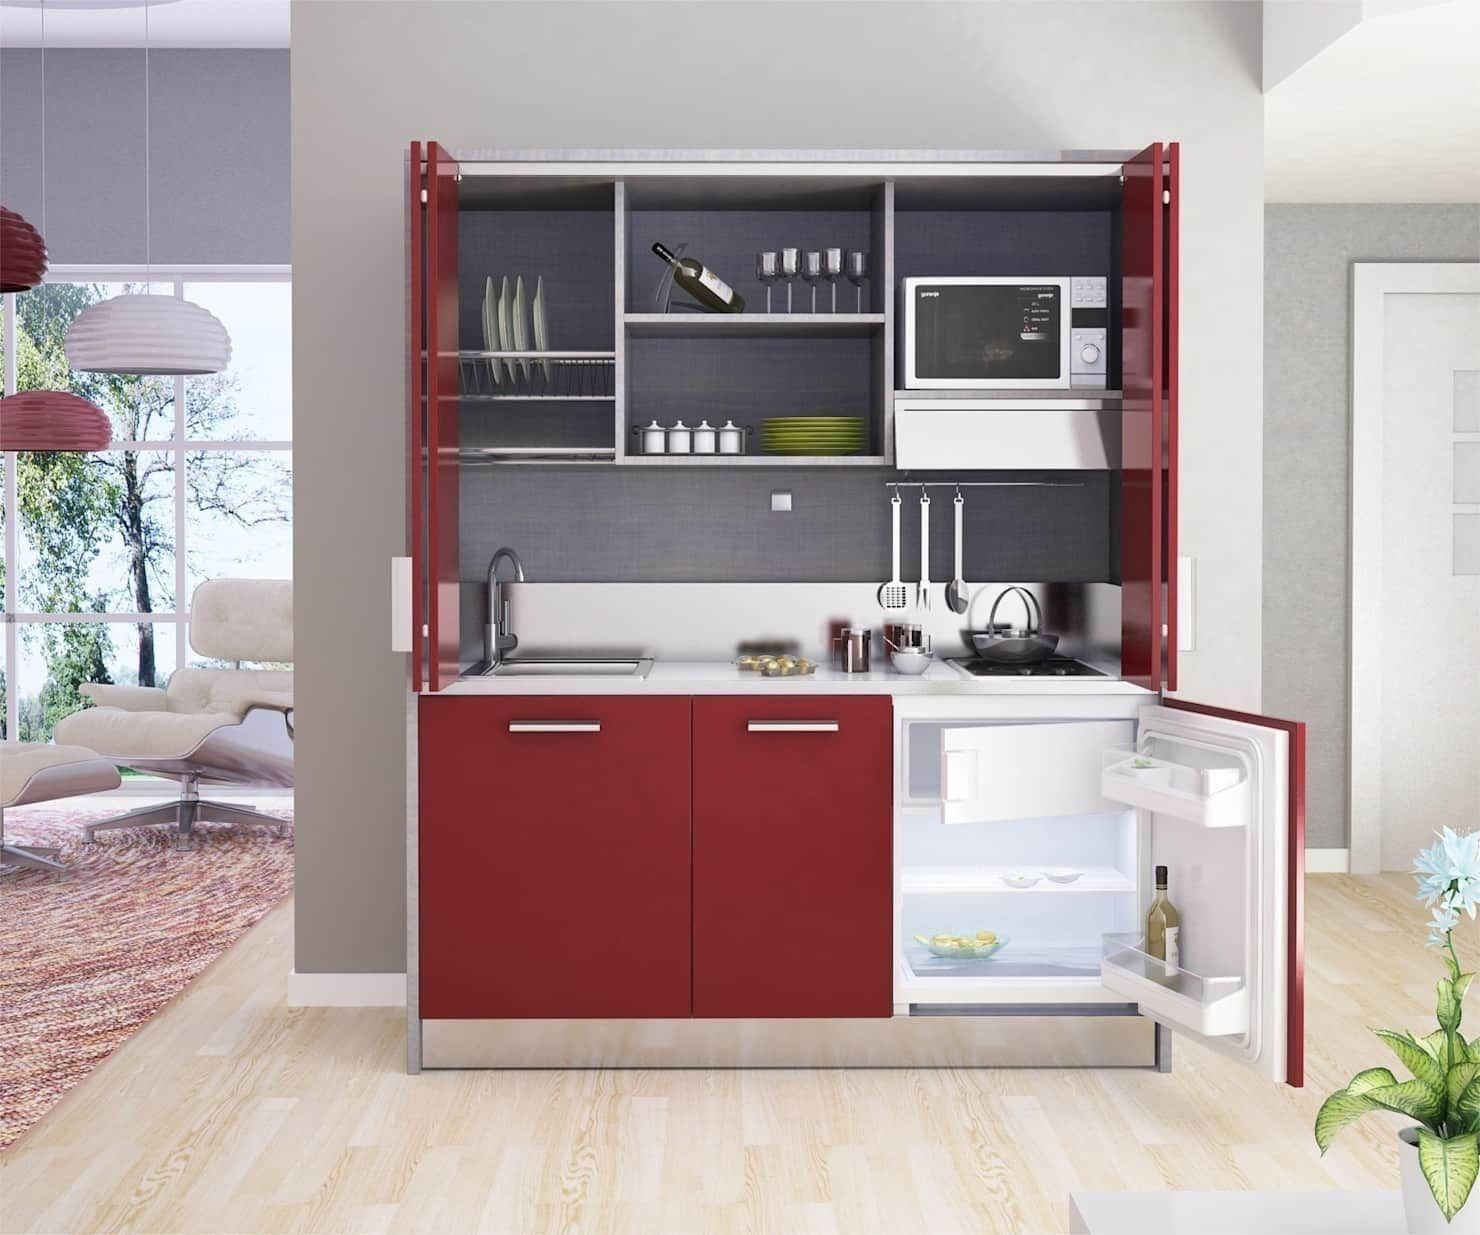 Mini Cucine A Scomparsa cucine a scomparsa monoblocco da cm.164 di minicucine